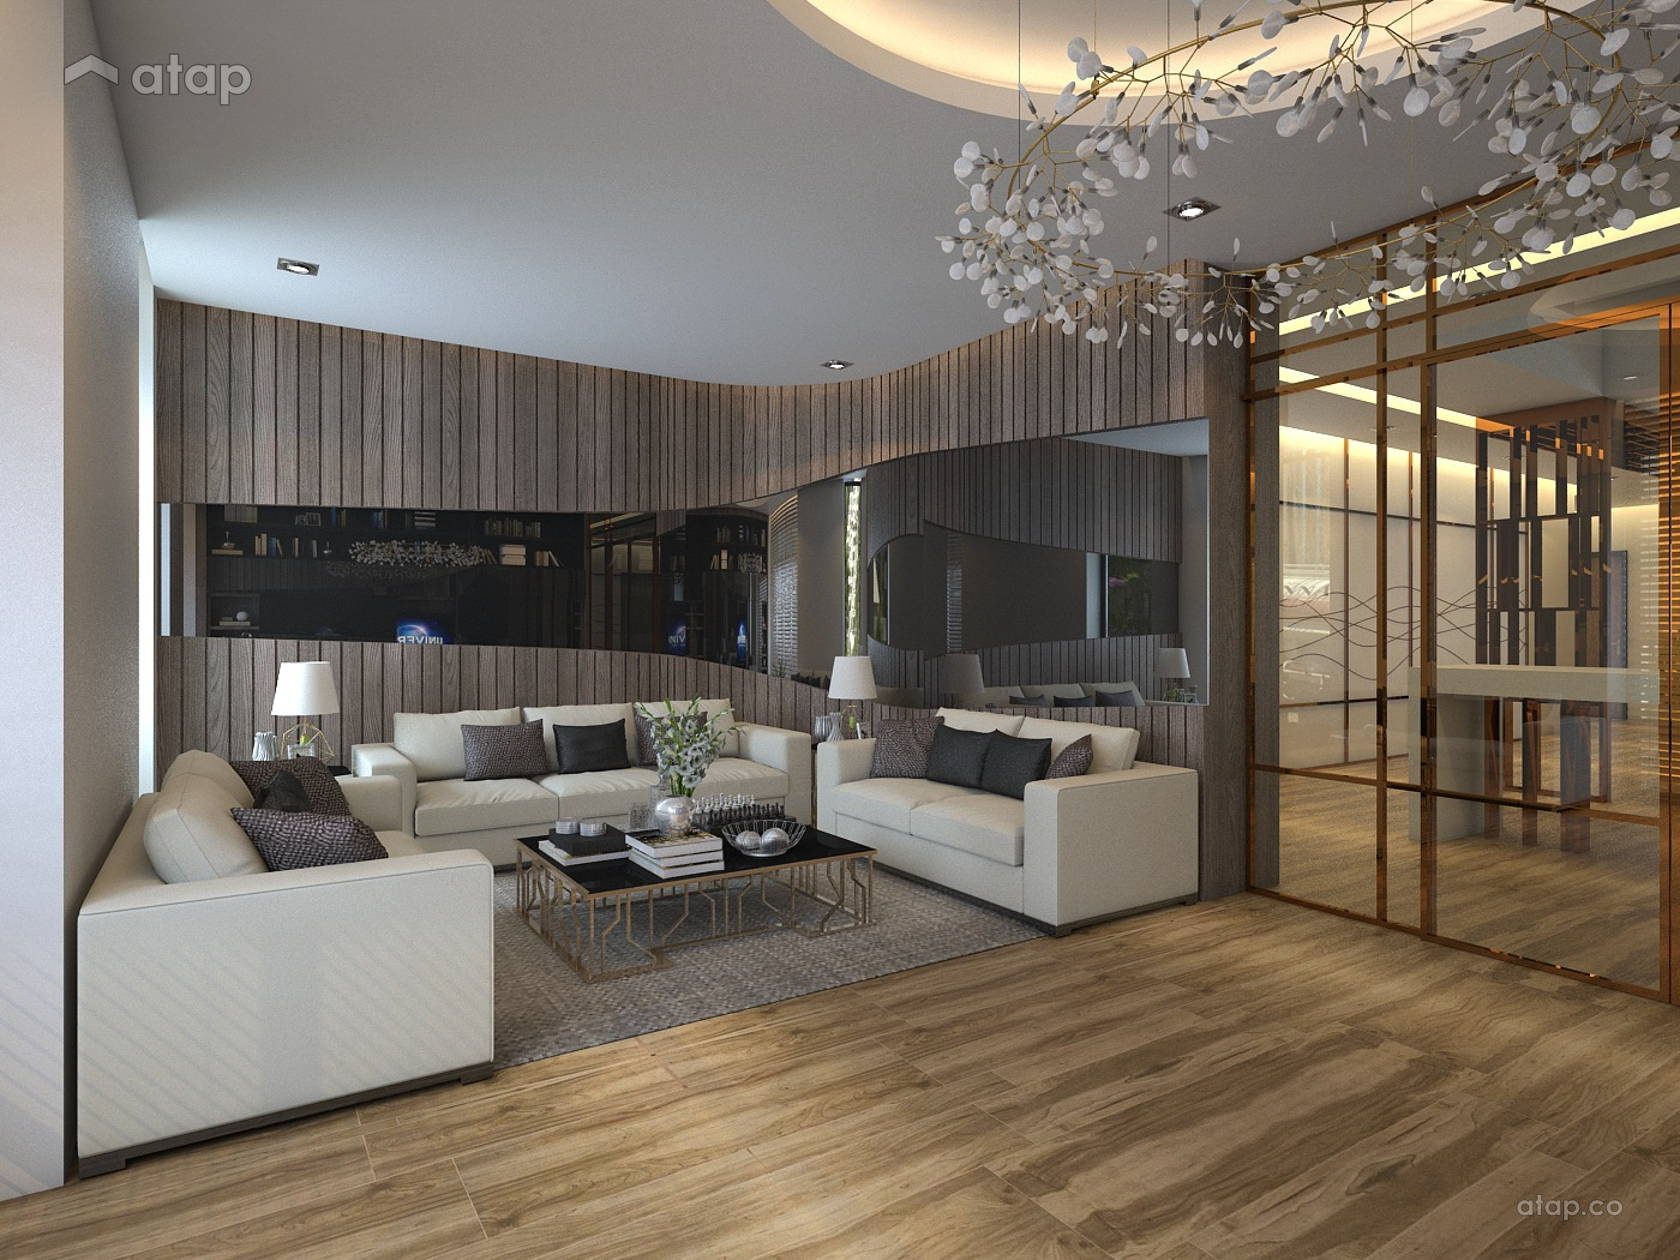 Casaman, Desa Park City Interior Design Renovation Ideas, Photos And Price  In Malaysia | Atap.co